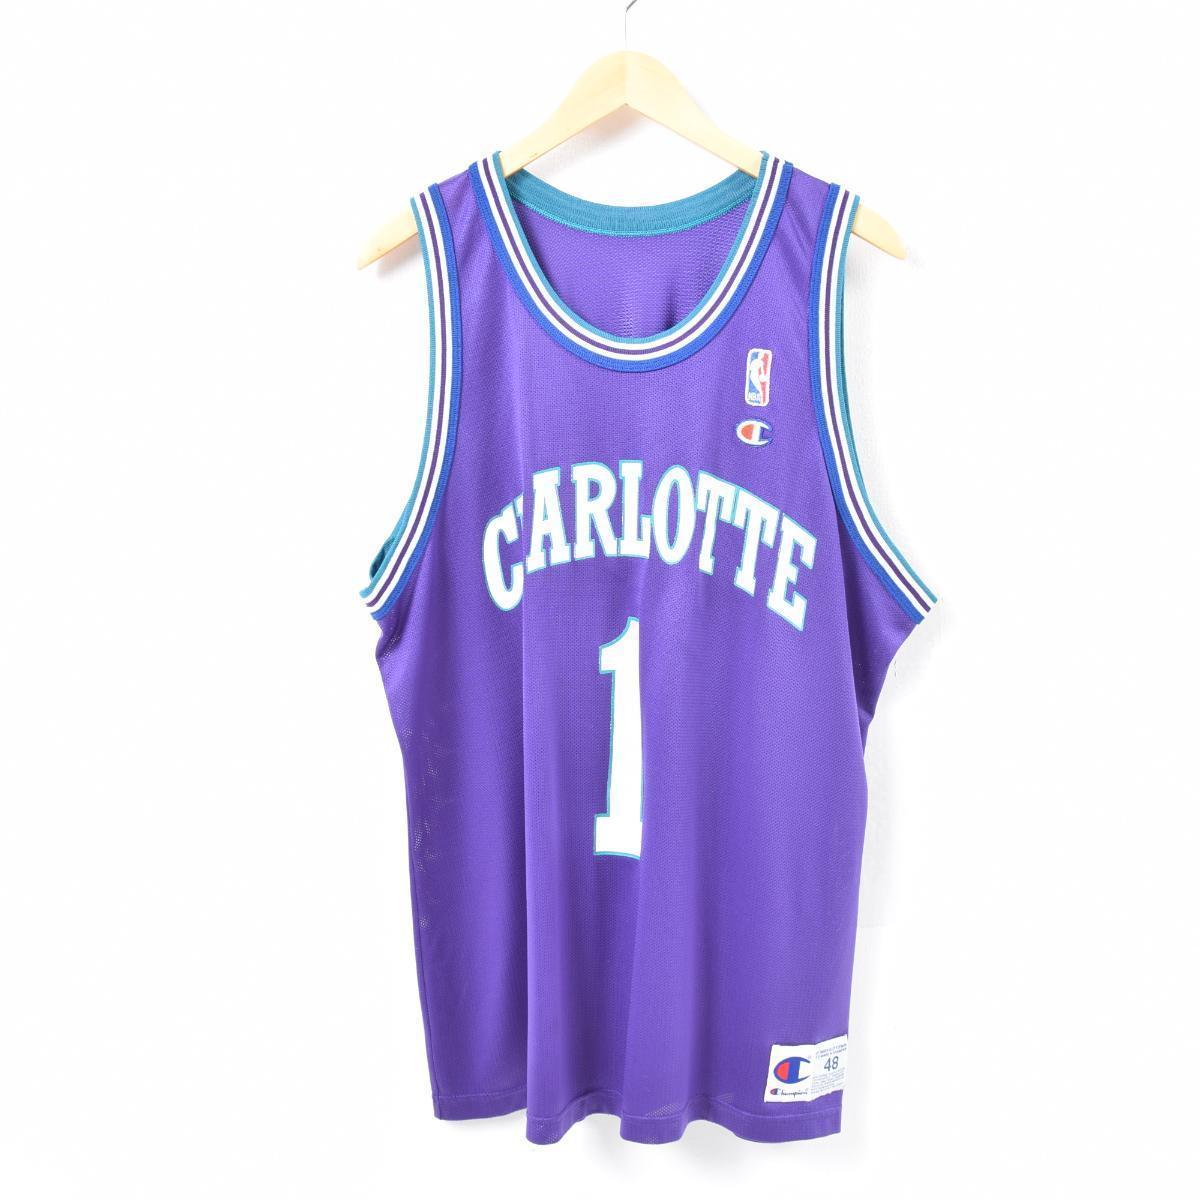 90年代 チャンピオン Champion NBA CHARLOTTE BOBCSTS シャーロットボブキャッツ マグシー ボーグス ゲームシャツ レプリカユニフォーム USA製 メンズL /was3064 【中古】 【180518】